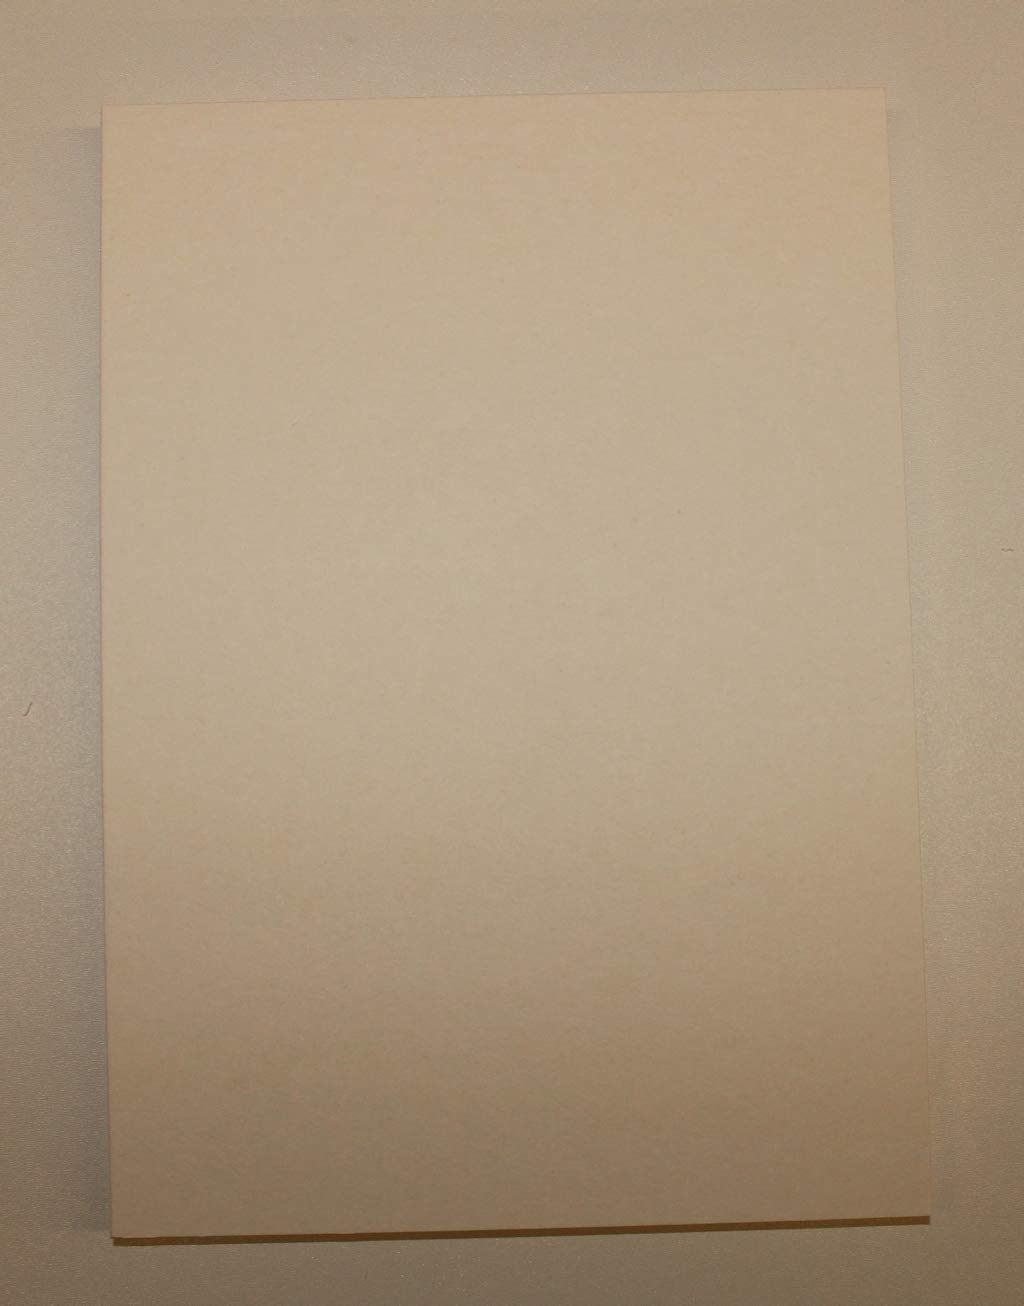 50 Stück Bierdeckelpappe Format DIN A3 (297 x 420 mm) 1,4mm starke originale Bierfilzpappe, cremefarben, Sonderformate möglich auf Anfrage B07GMT8MK5    |